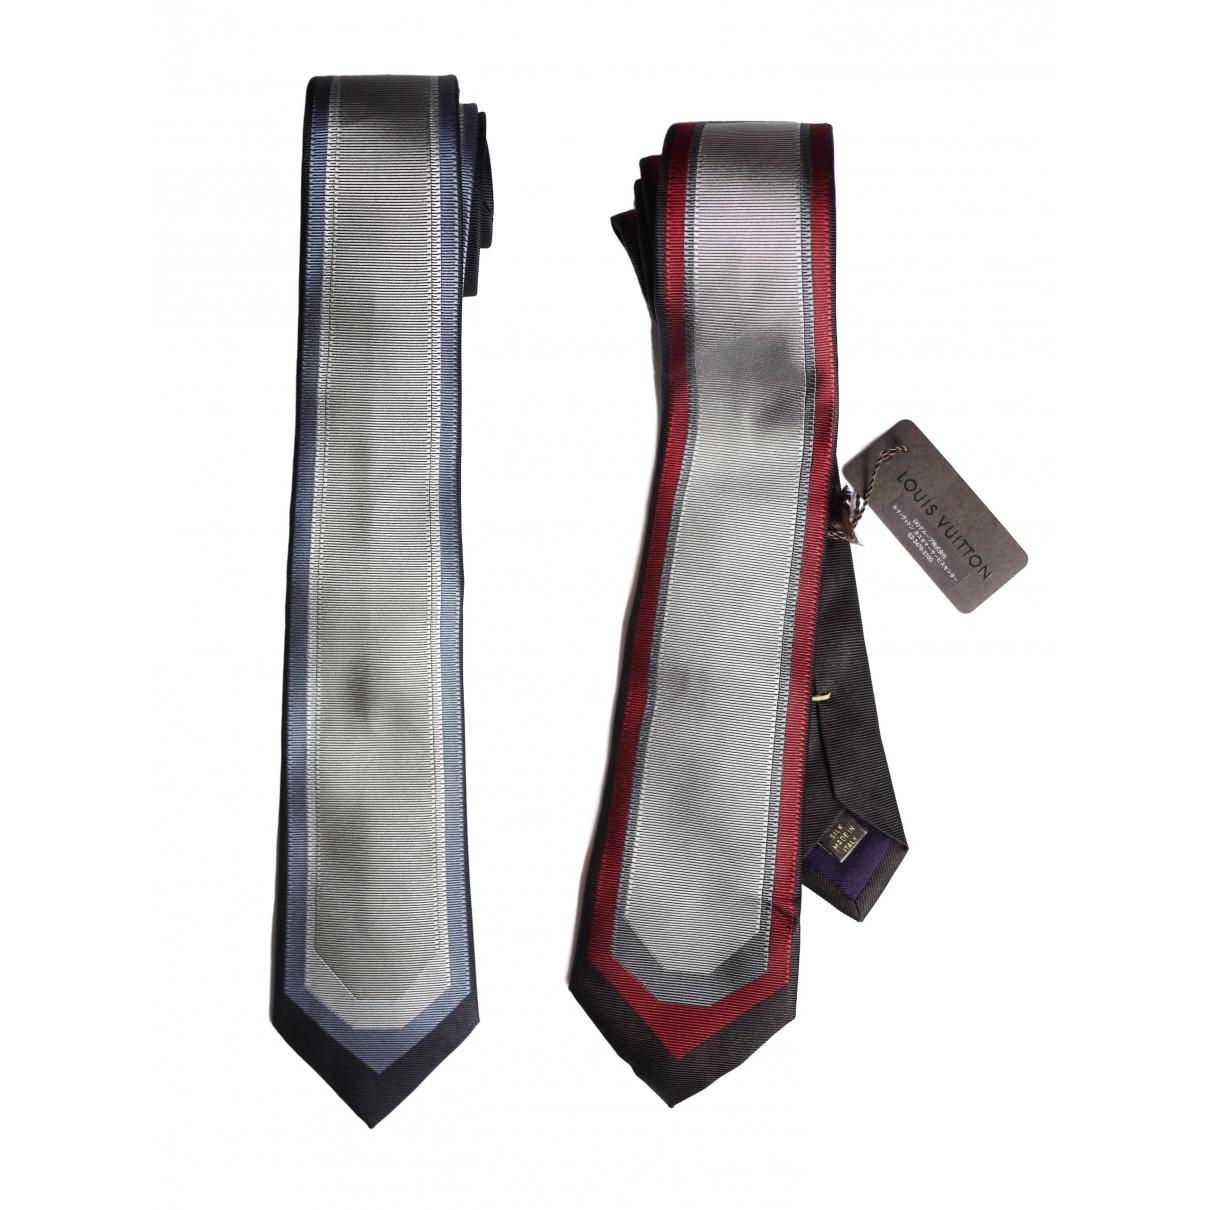 Louis Vuitton - Cravates   pour homme en soie - gris